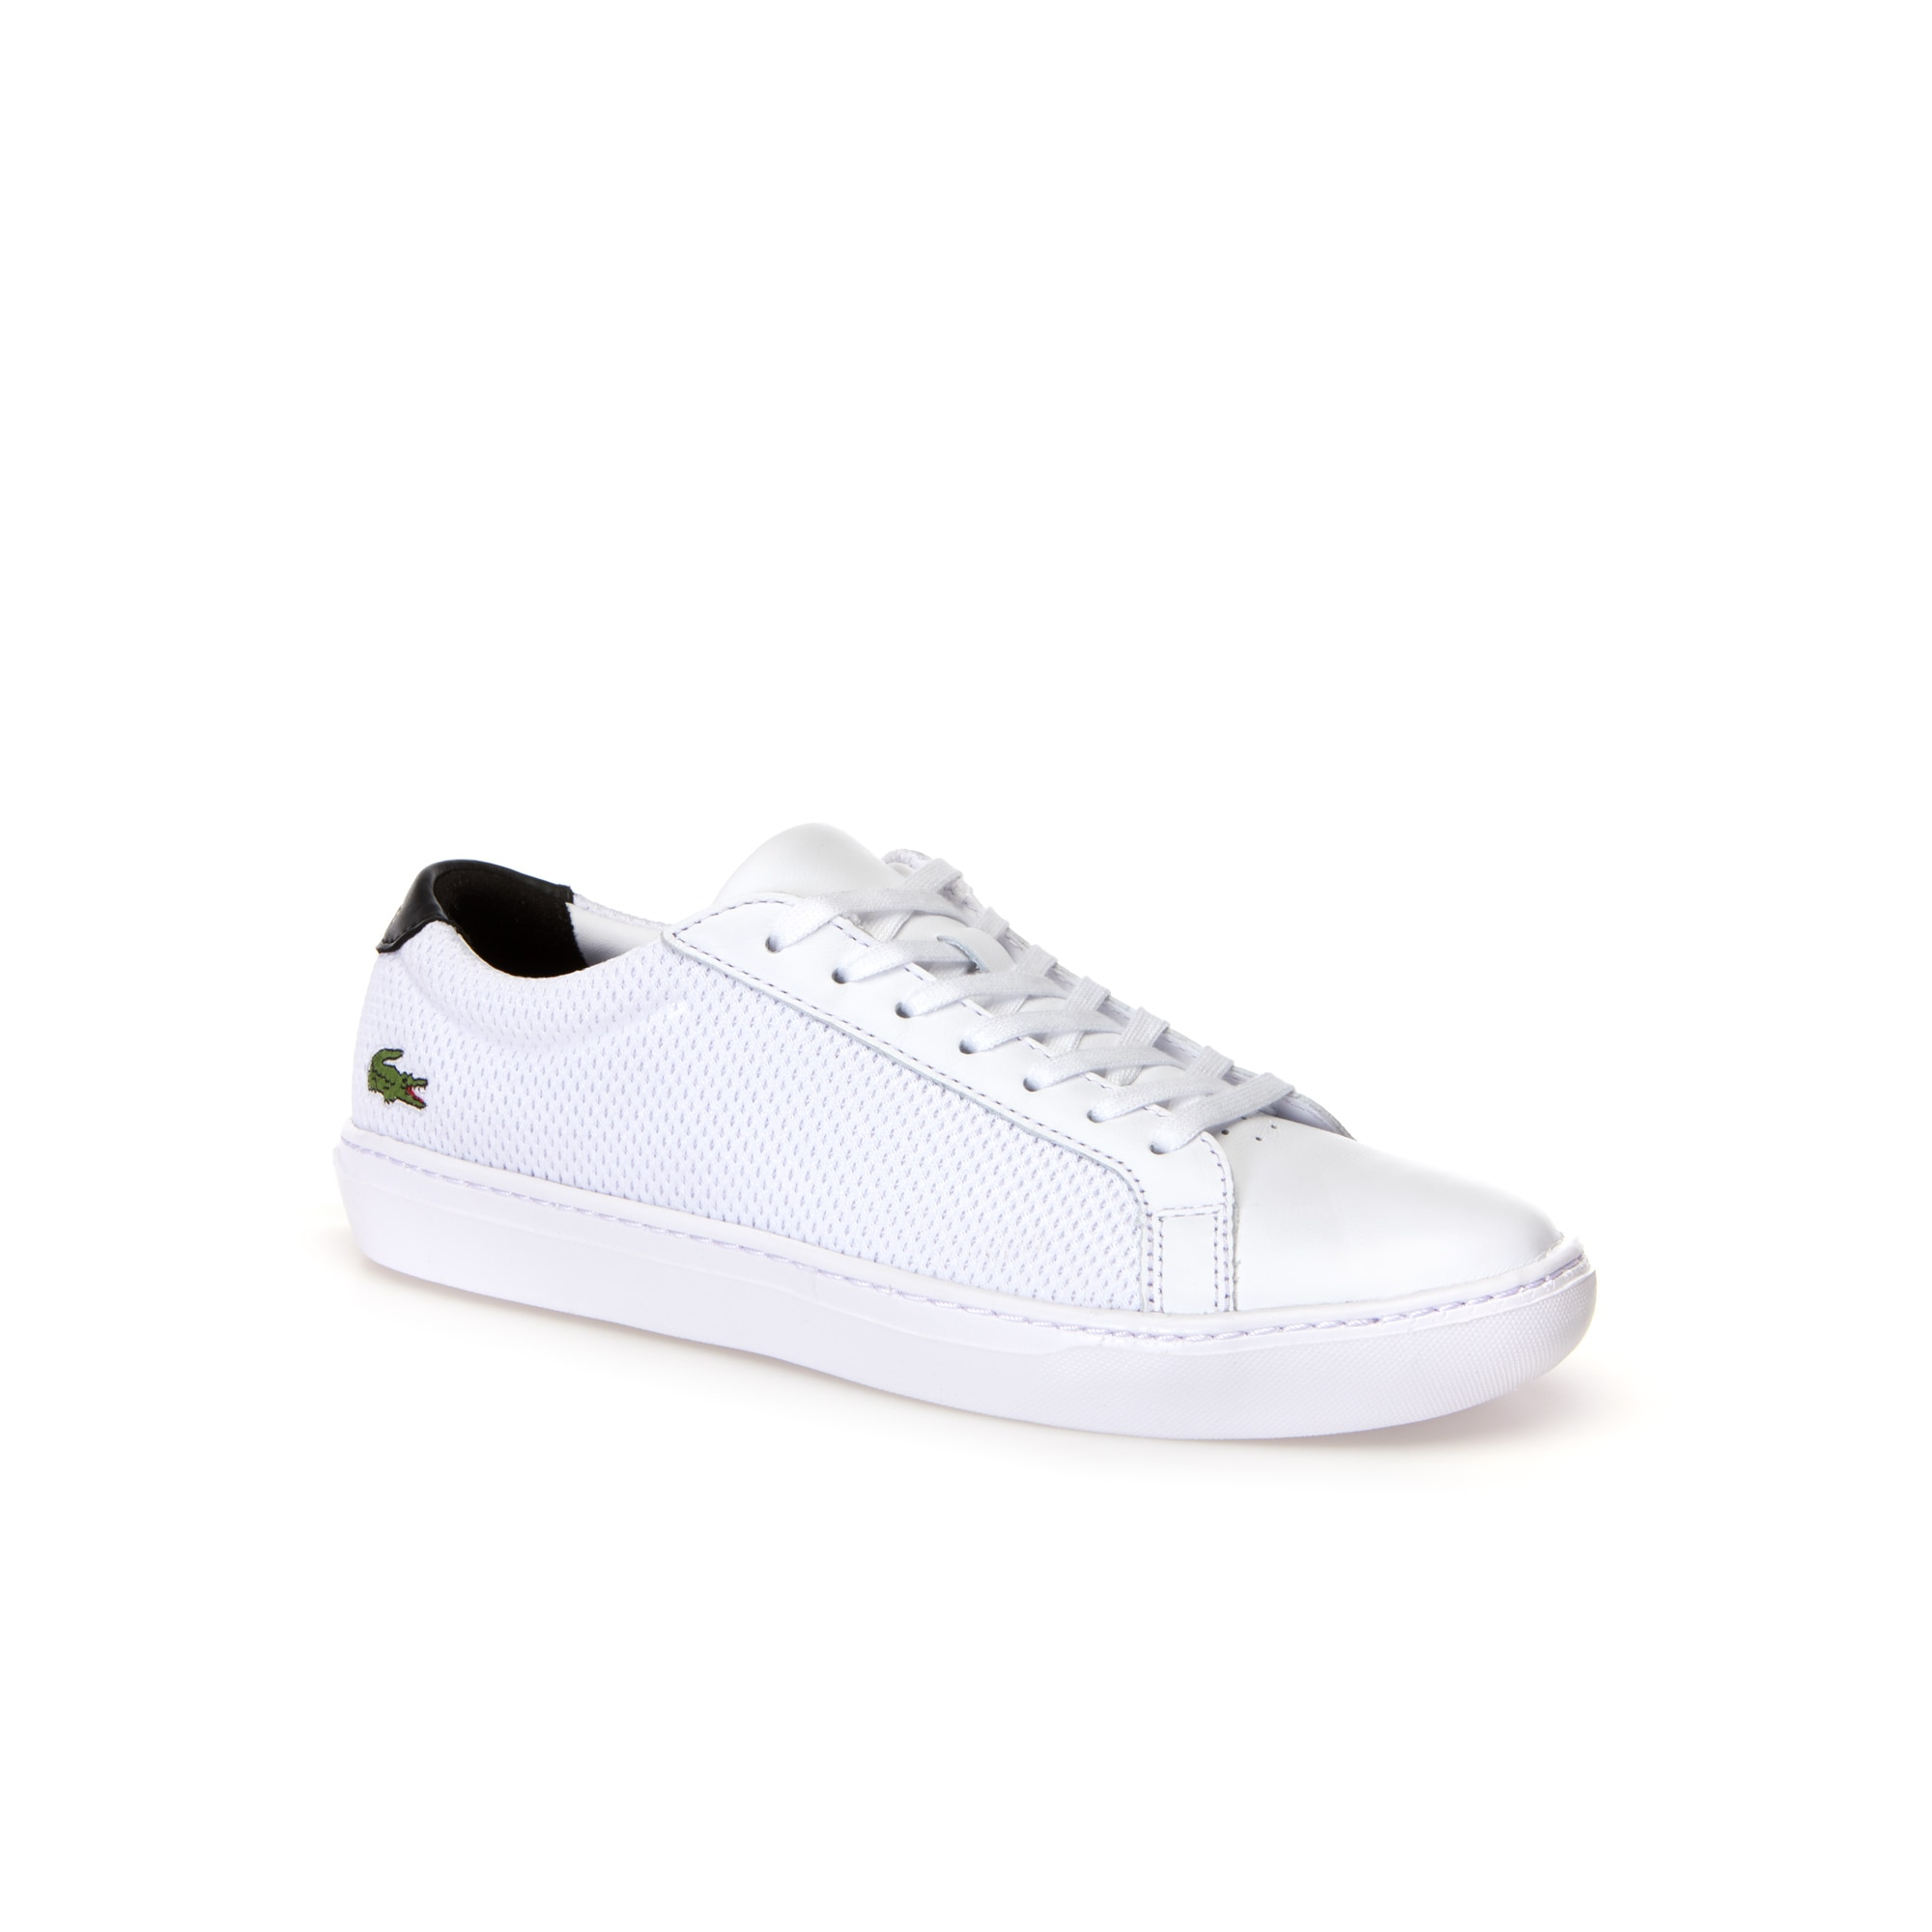 Zapatillas de hombre L.12.12 LIGHT-WT de piel y material textil